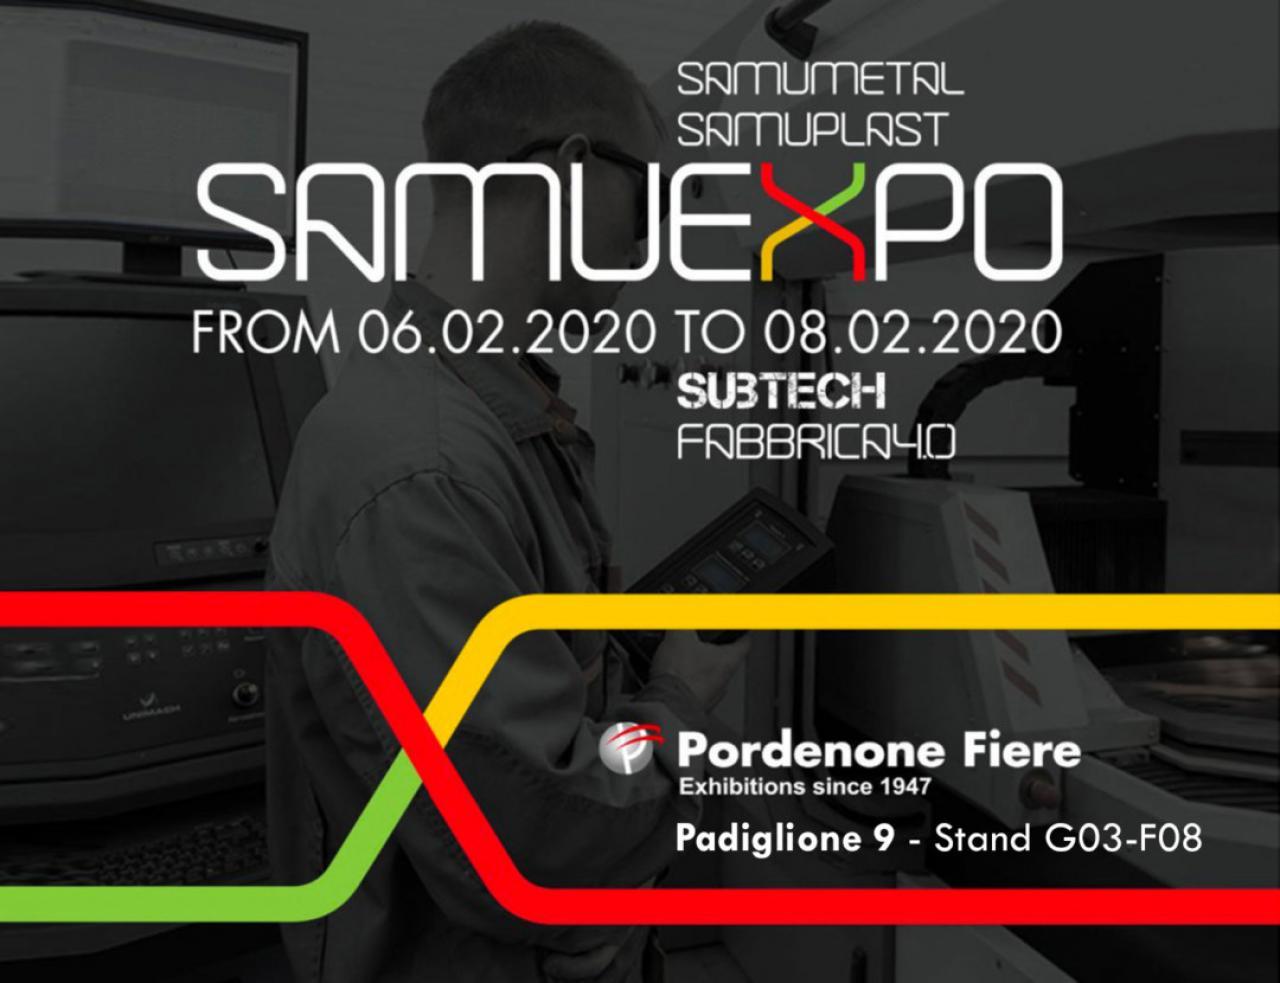 """Prossima Fiera di Pordenone """"SAMUEXPO"""" dal 06 al 08 febbraio 2020"""